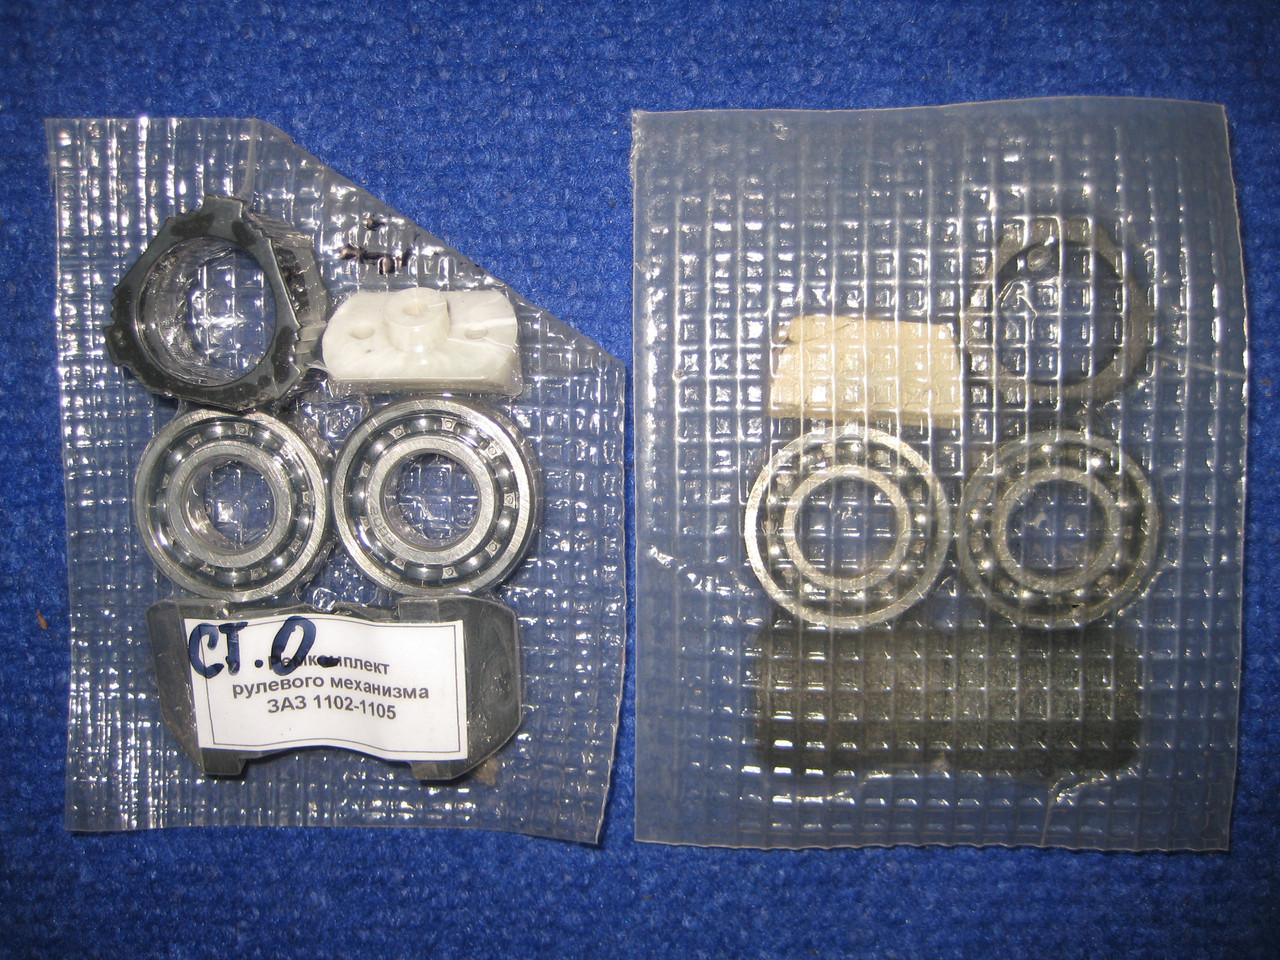 Ремкомплект рулевой рейки нового образца Таврия Славута ЗАЗ 1102 1103 1105